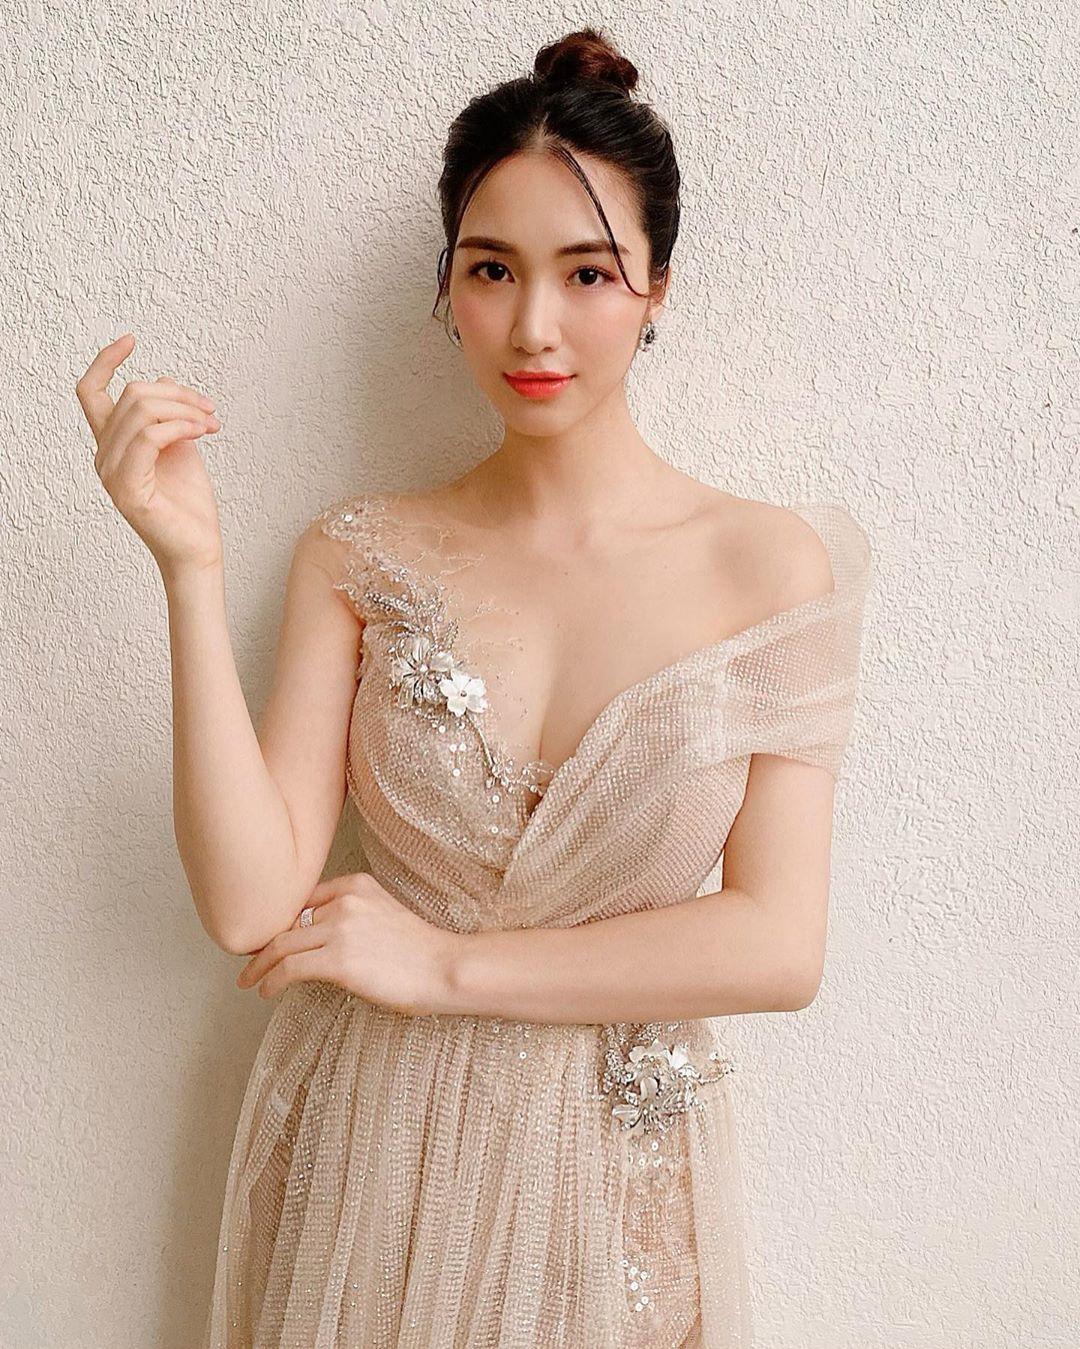 Hòa Minzy tự cách ly, hủy hết show sau khi trở về từ Huế